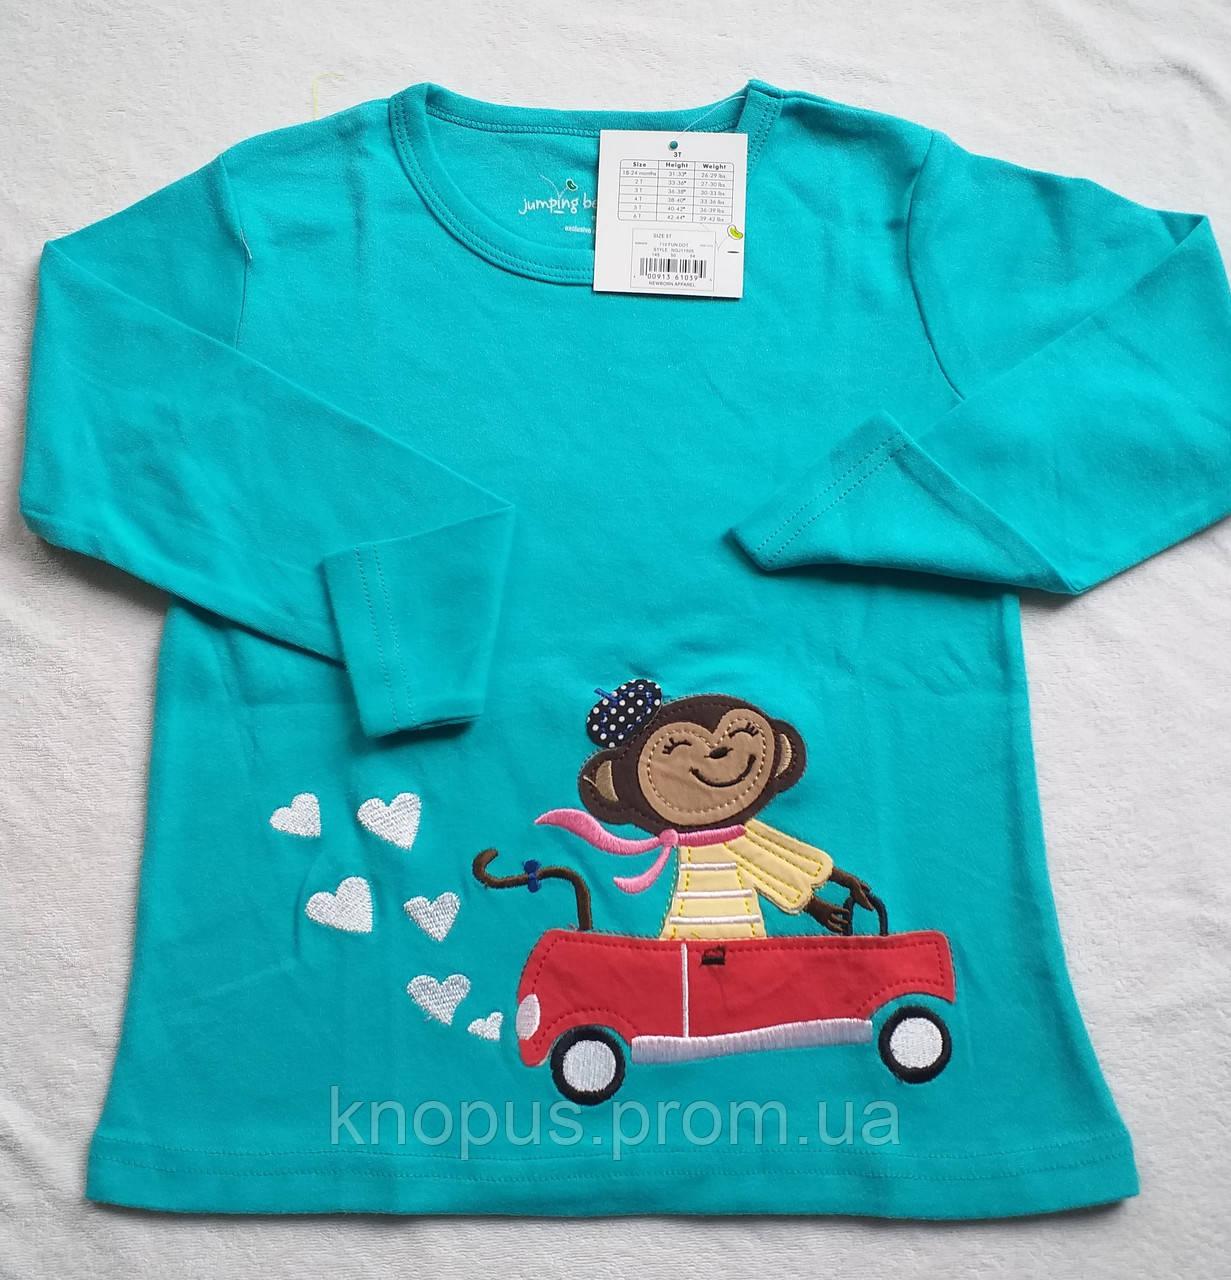 Реглан для девочки Обезьянка на автомобиле, бирюзоый, Jumping Beans, размеры 86-98, 110